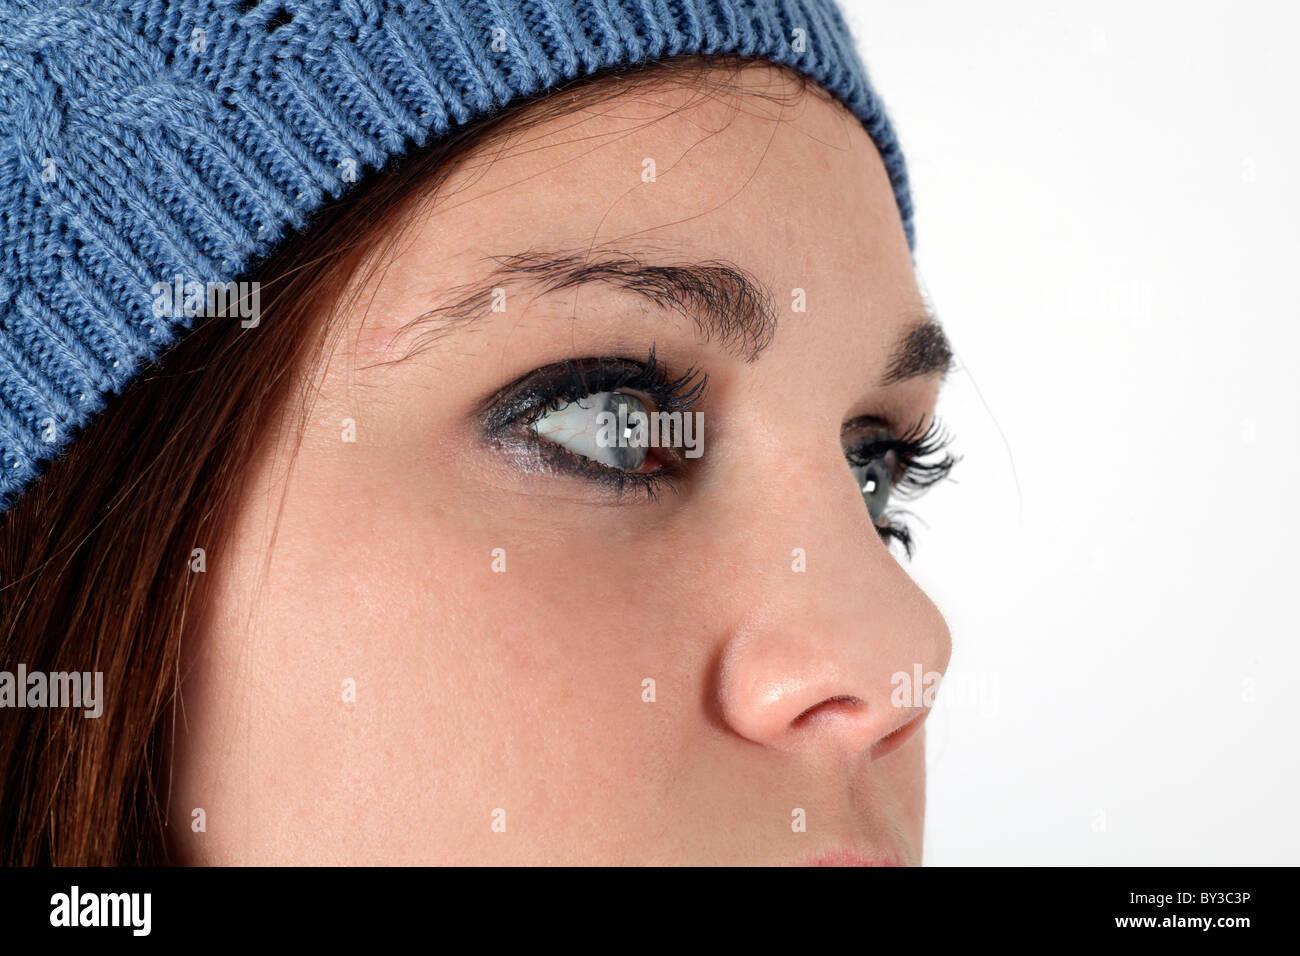 Profil-Hinweis Stockbild